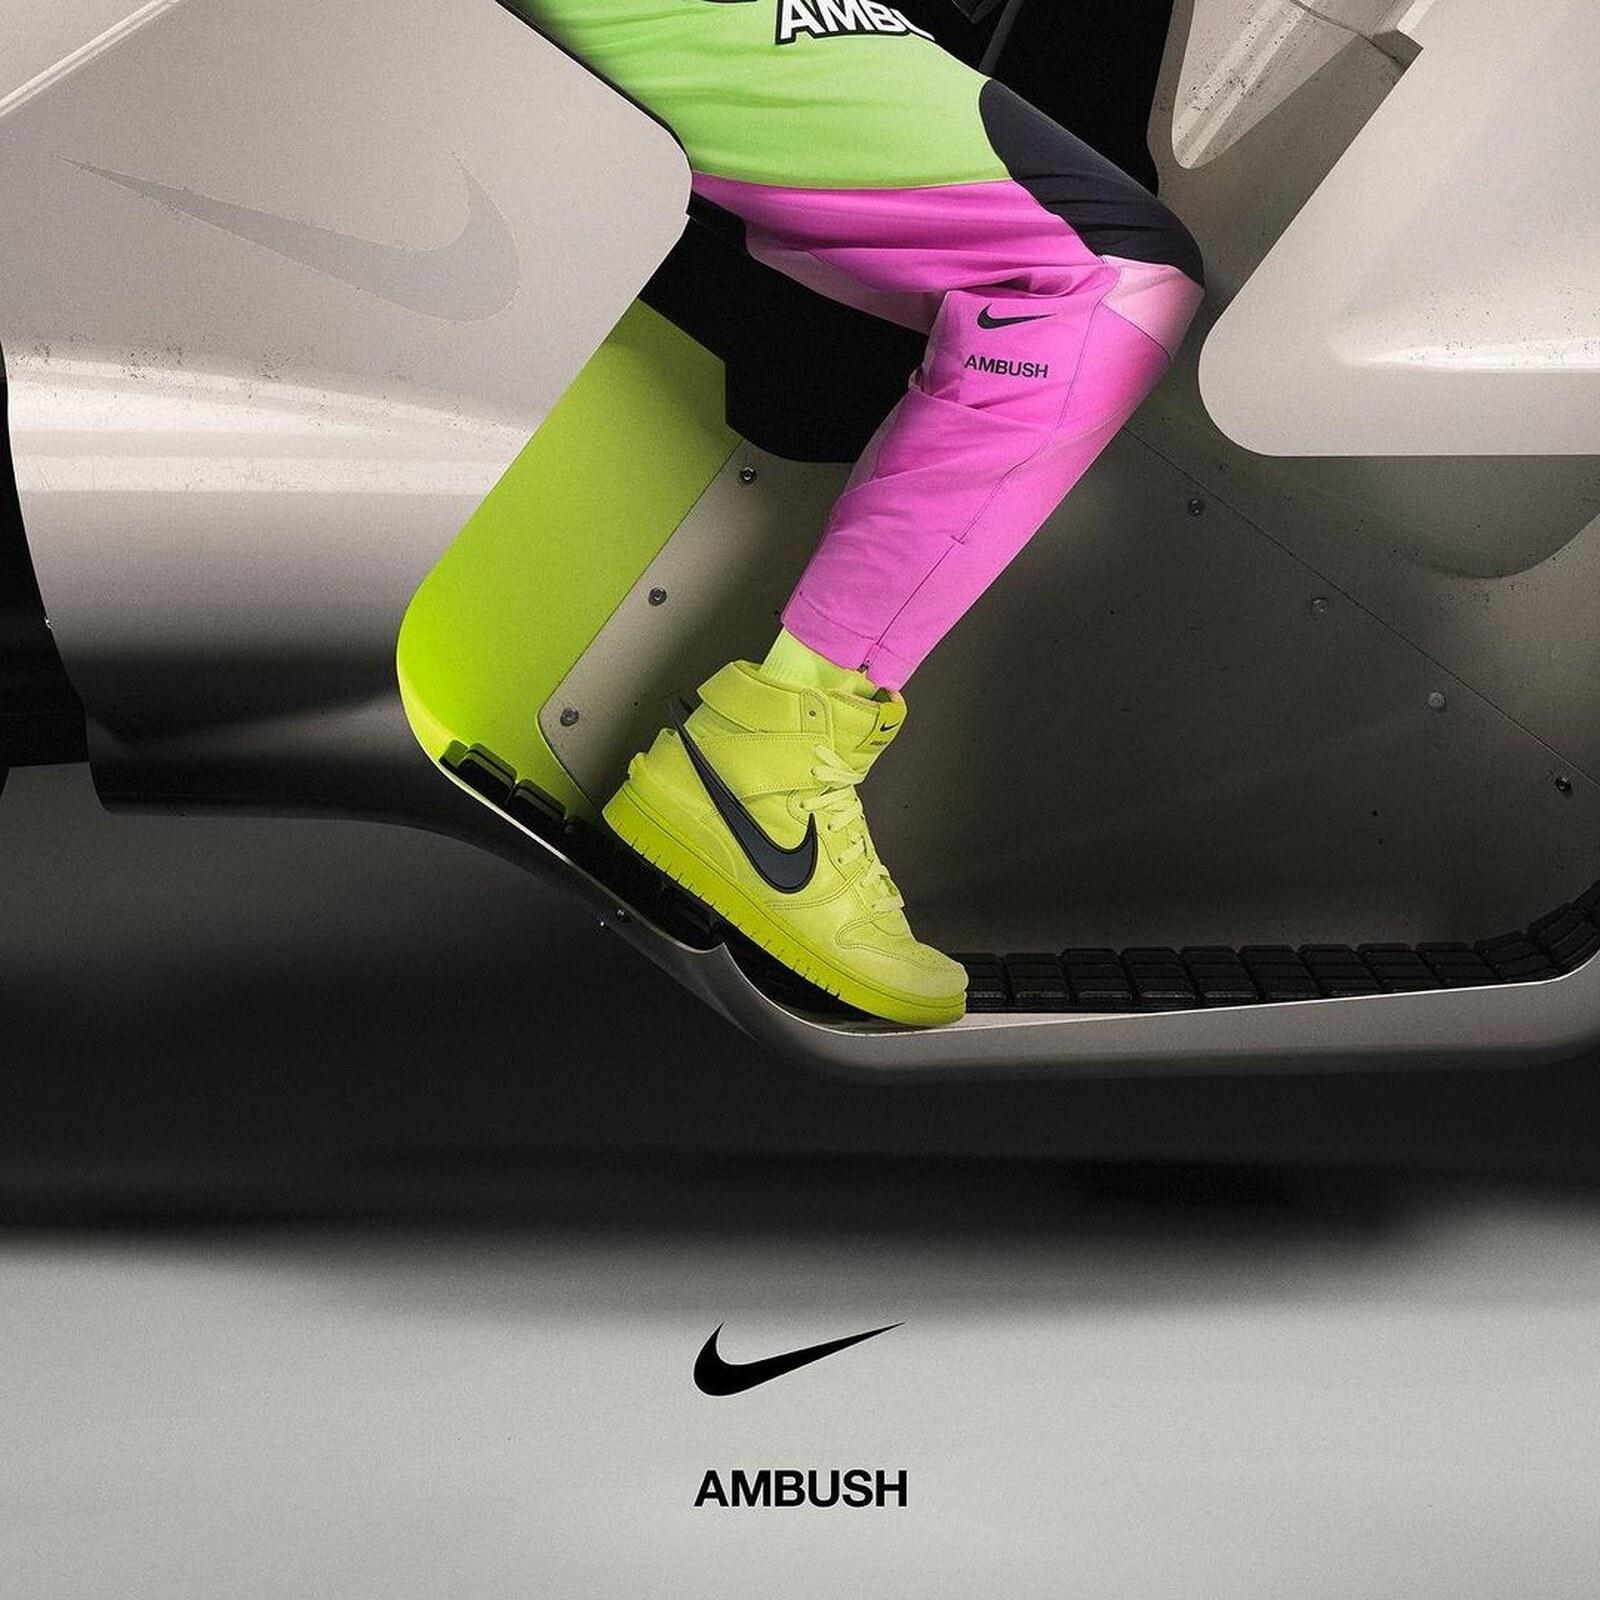 AMBUSH x Nike capsule collection